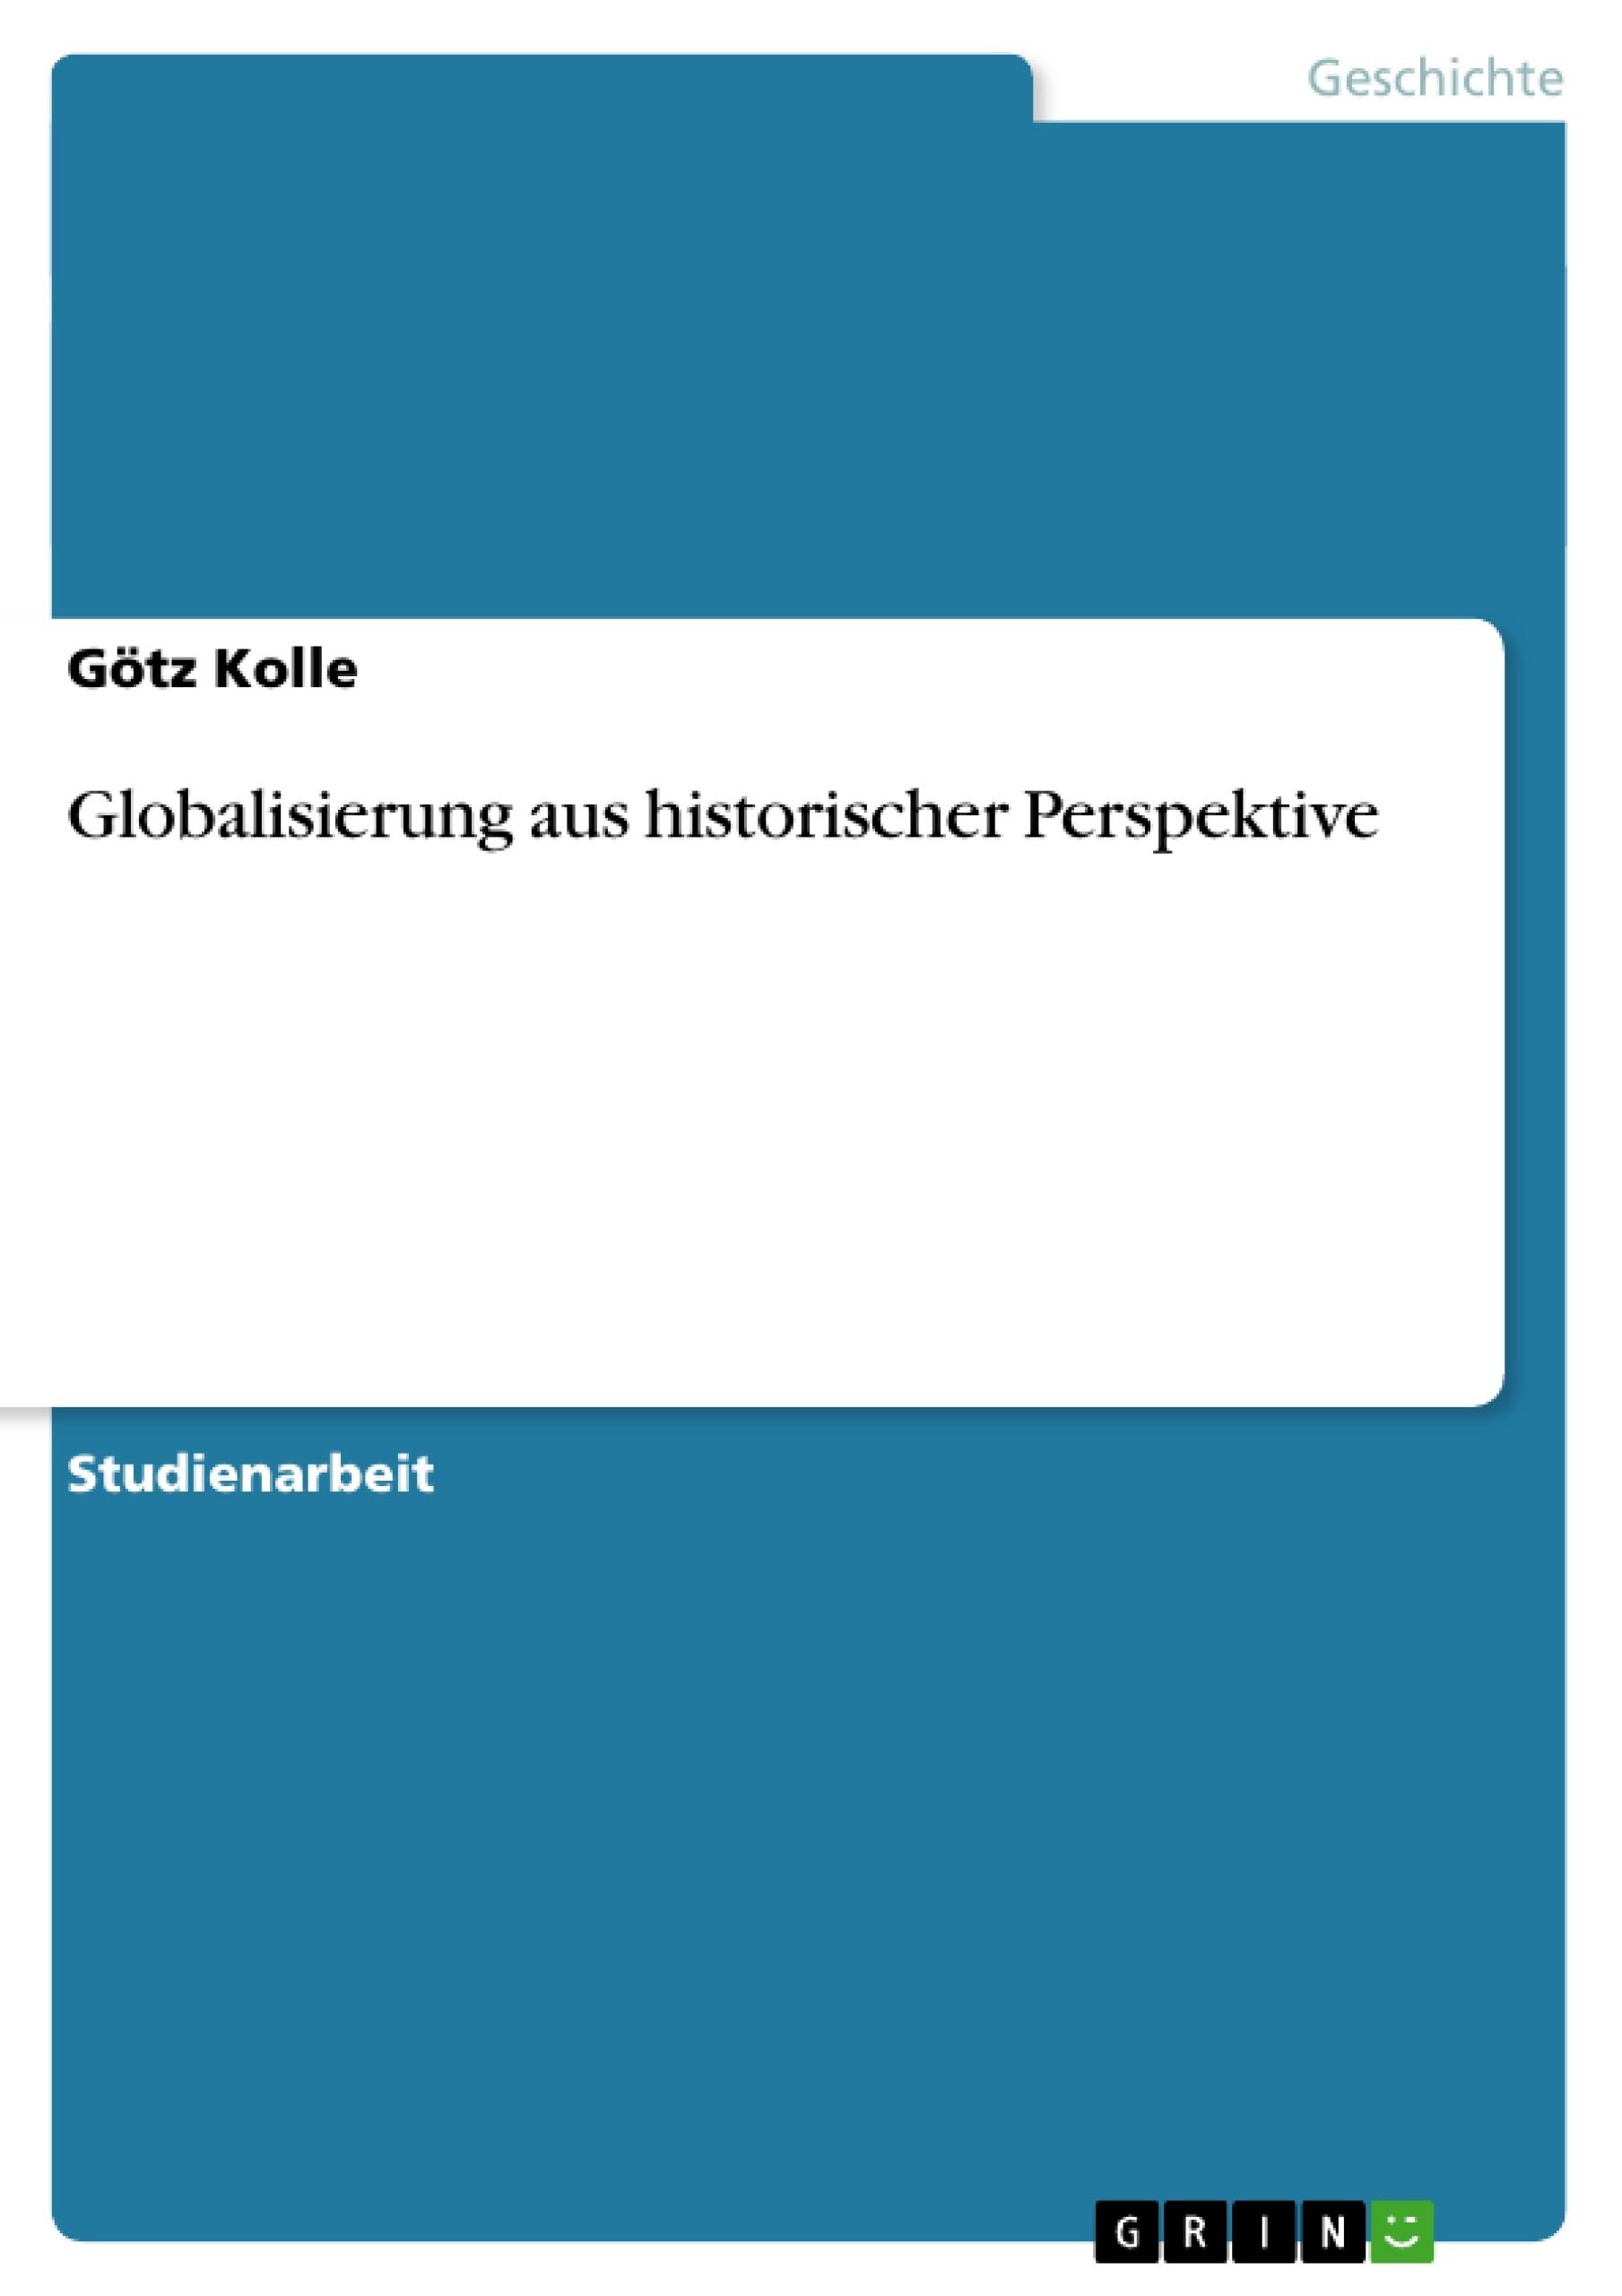 Titel: Globalisierung aus historischer Perspektive